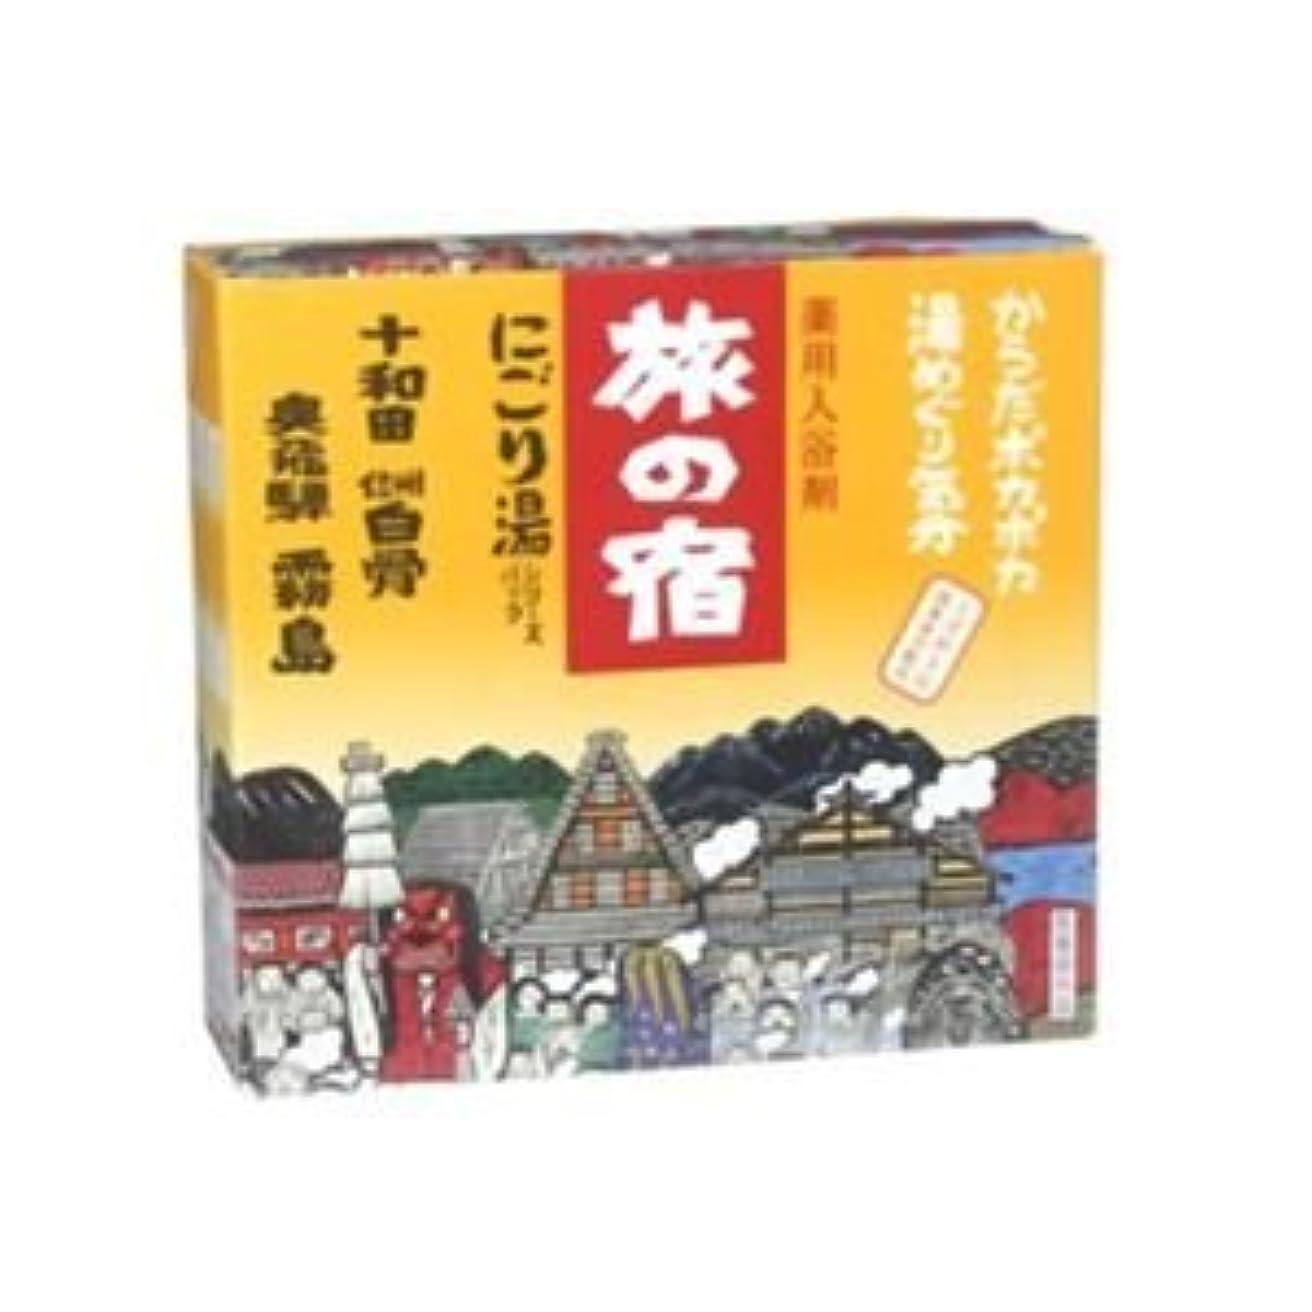 額禁止する子供達旅の宿 にごり湯シリーズパック 13包入(入浴剤) 5セット